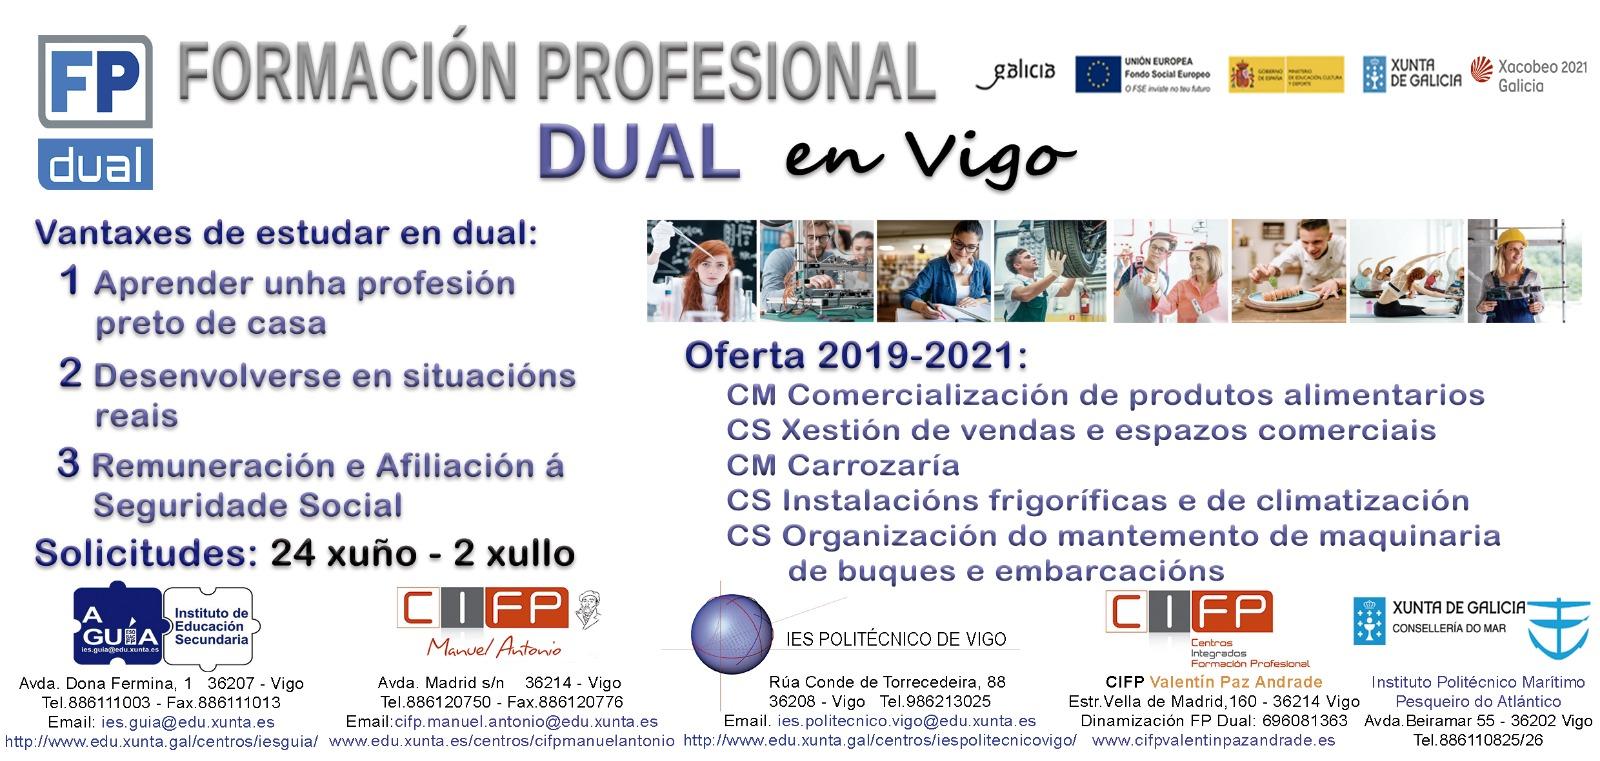 Calendario Laboral Vigo 2020.Ies Politecnico De Vigo